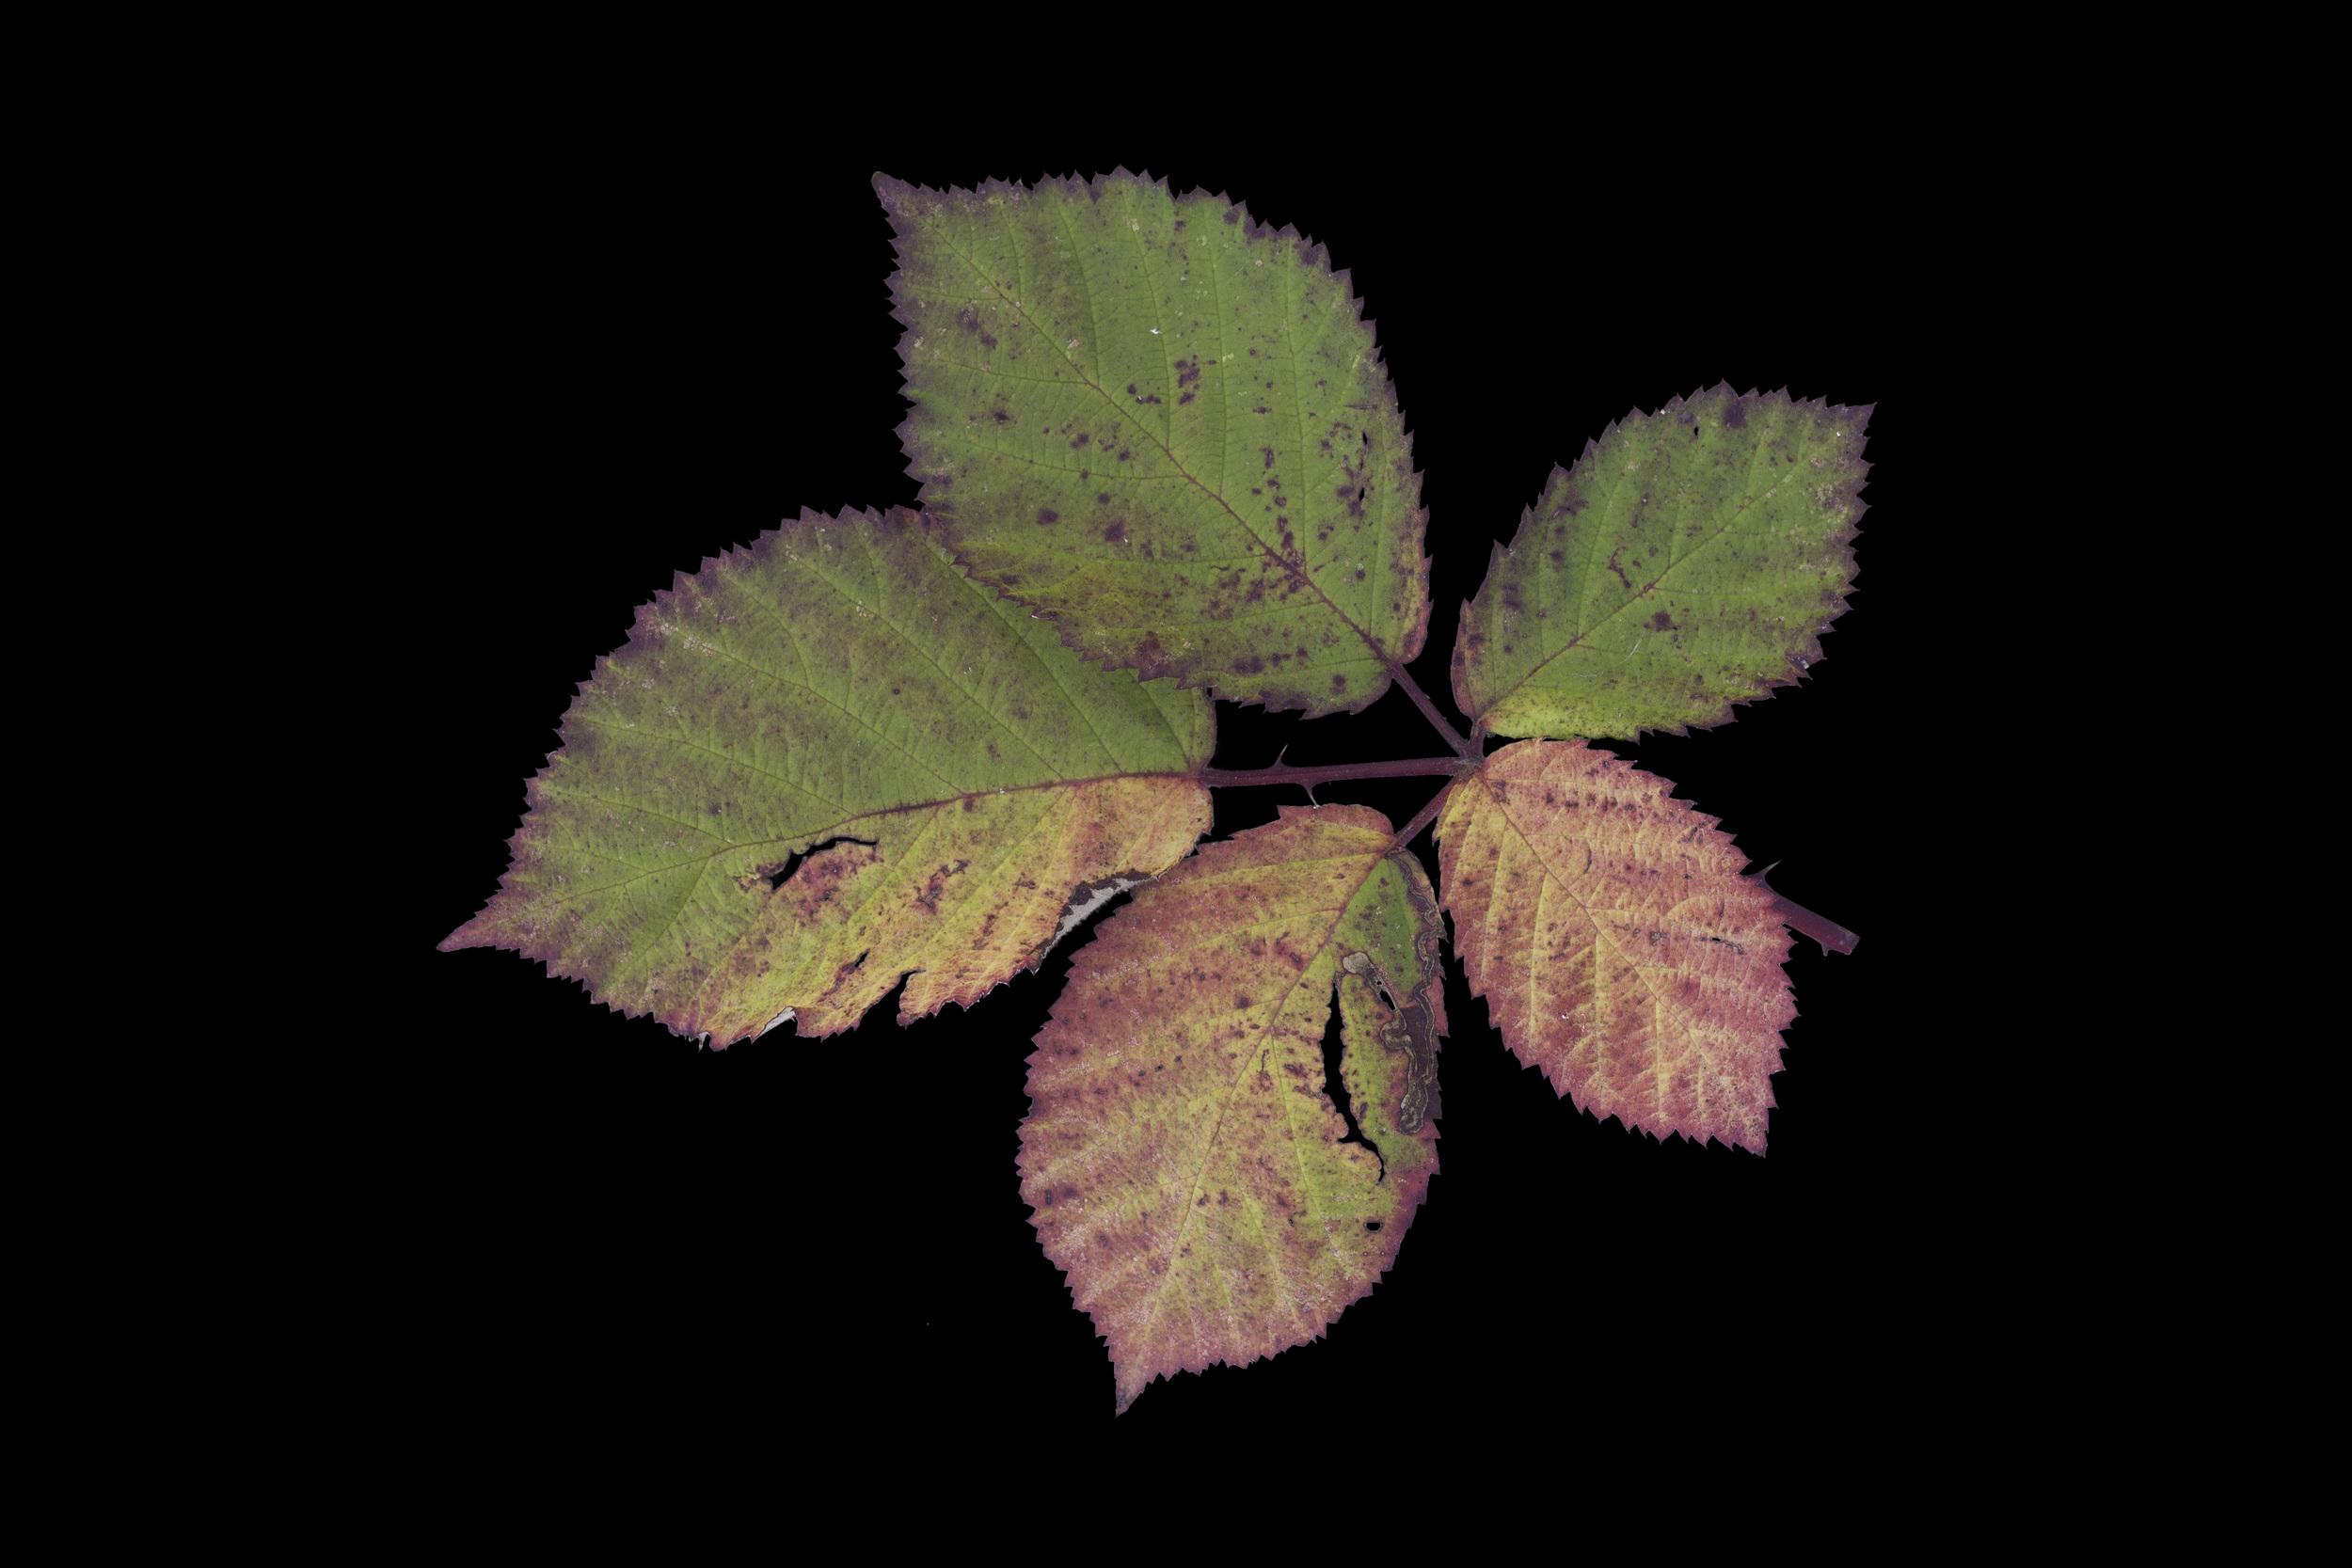 foliage_85.jpg